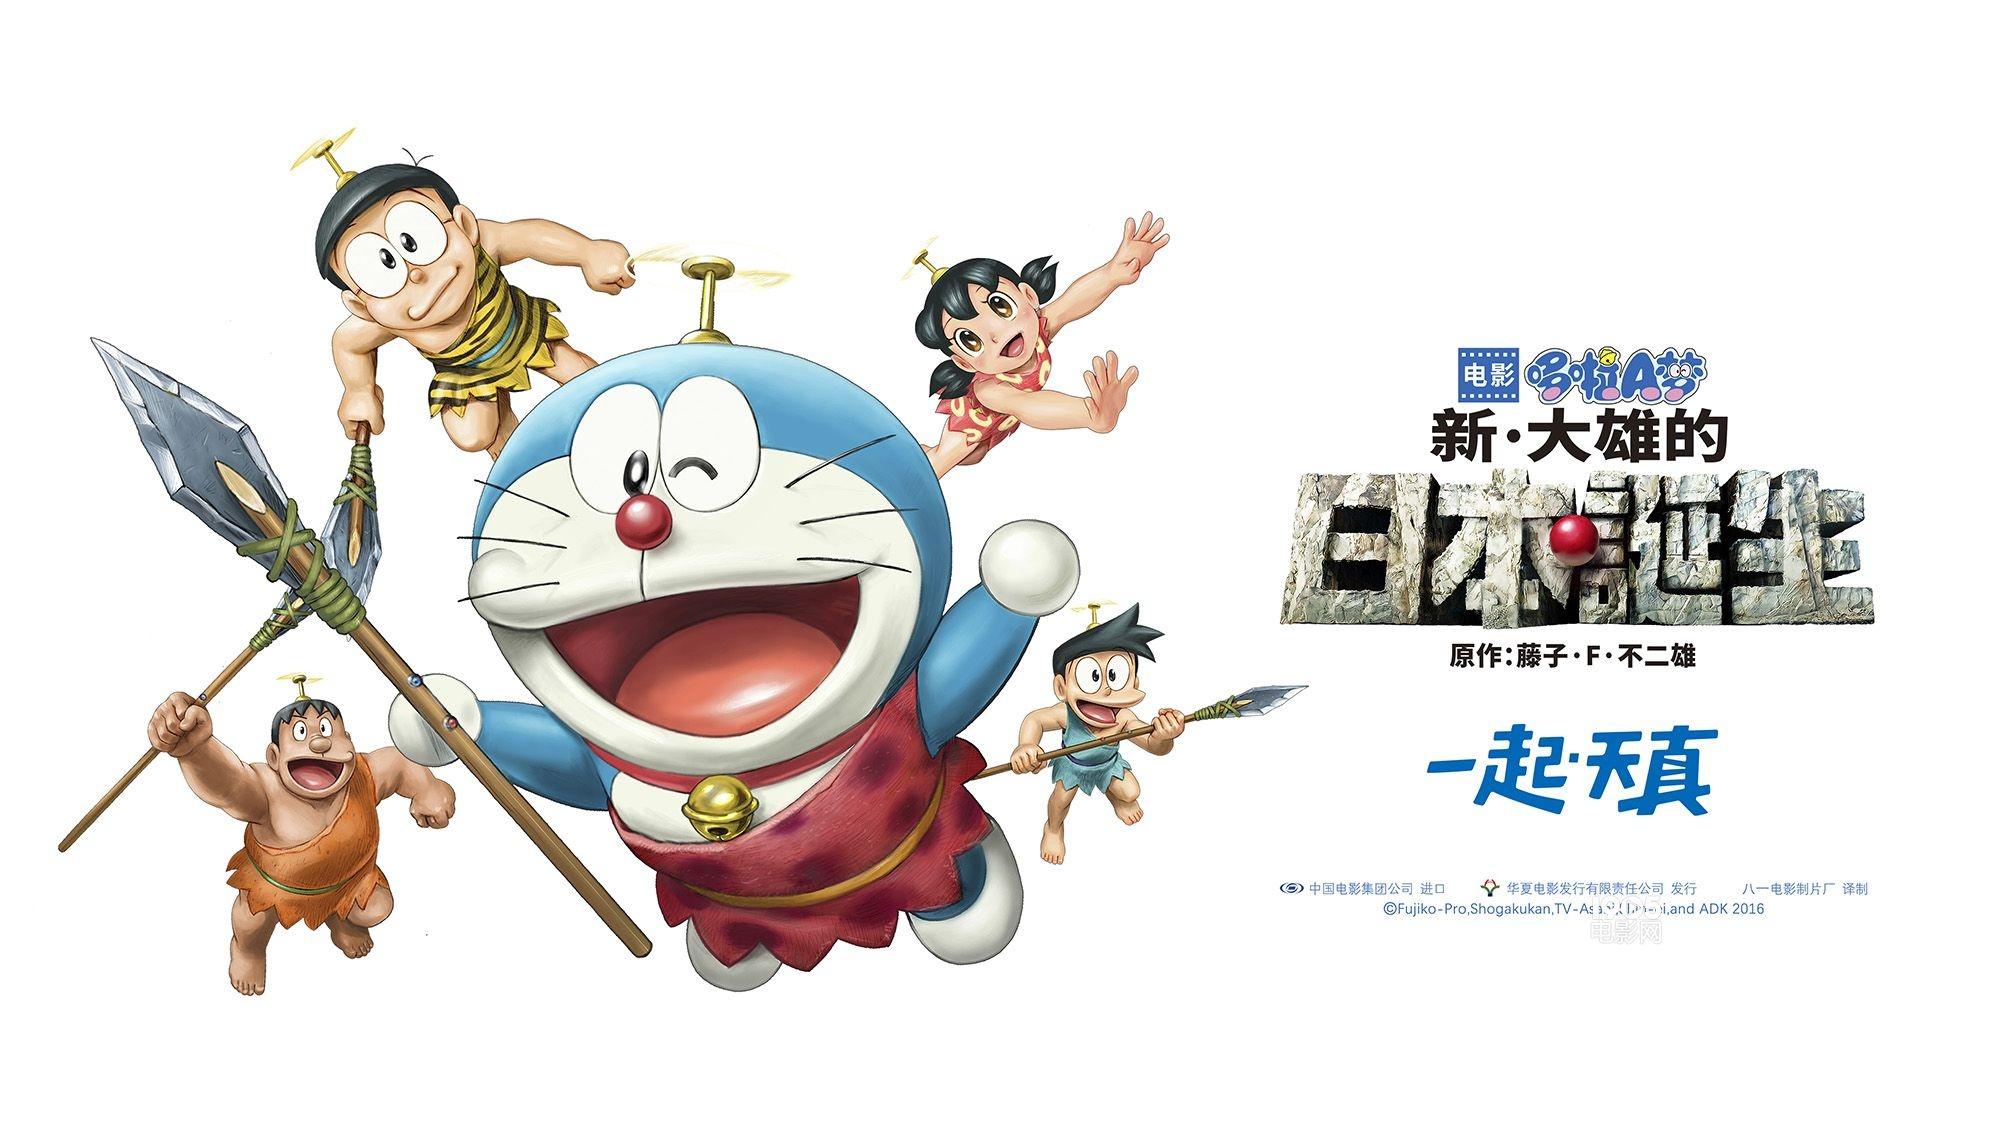 哆啦A梦 曝新海报 延续梦想重返儿时天真时光图片